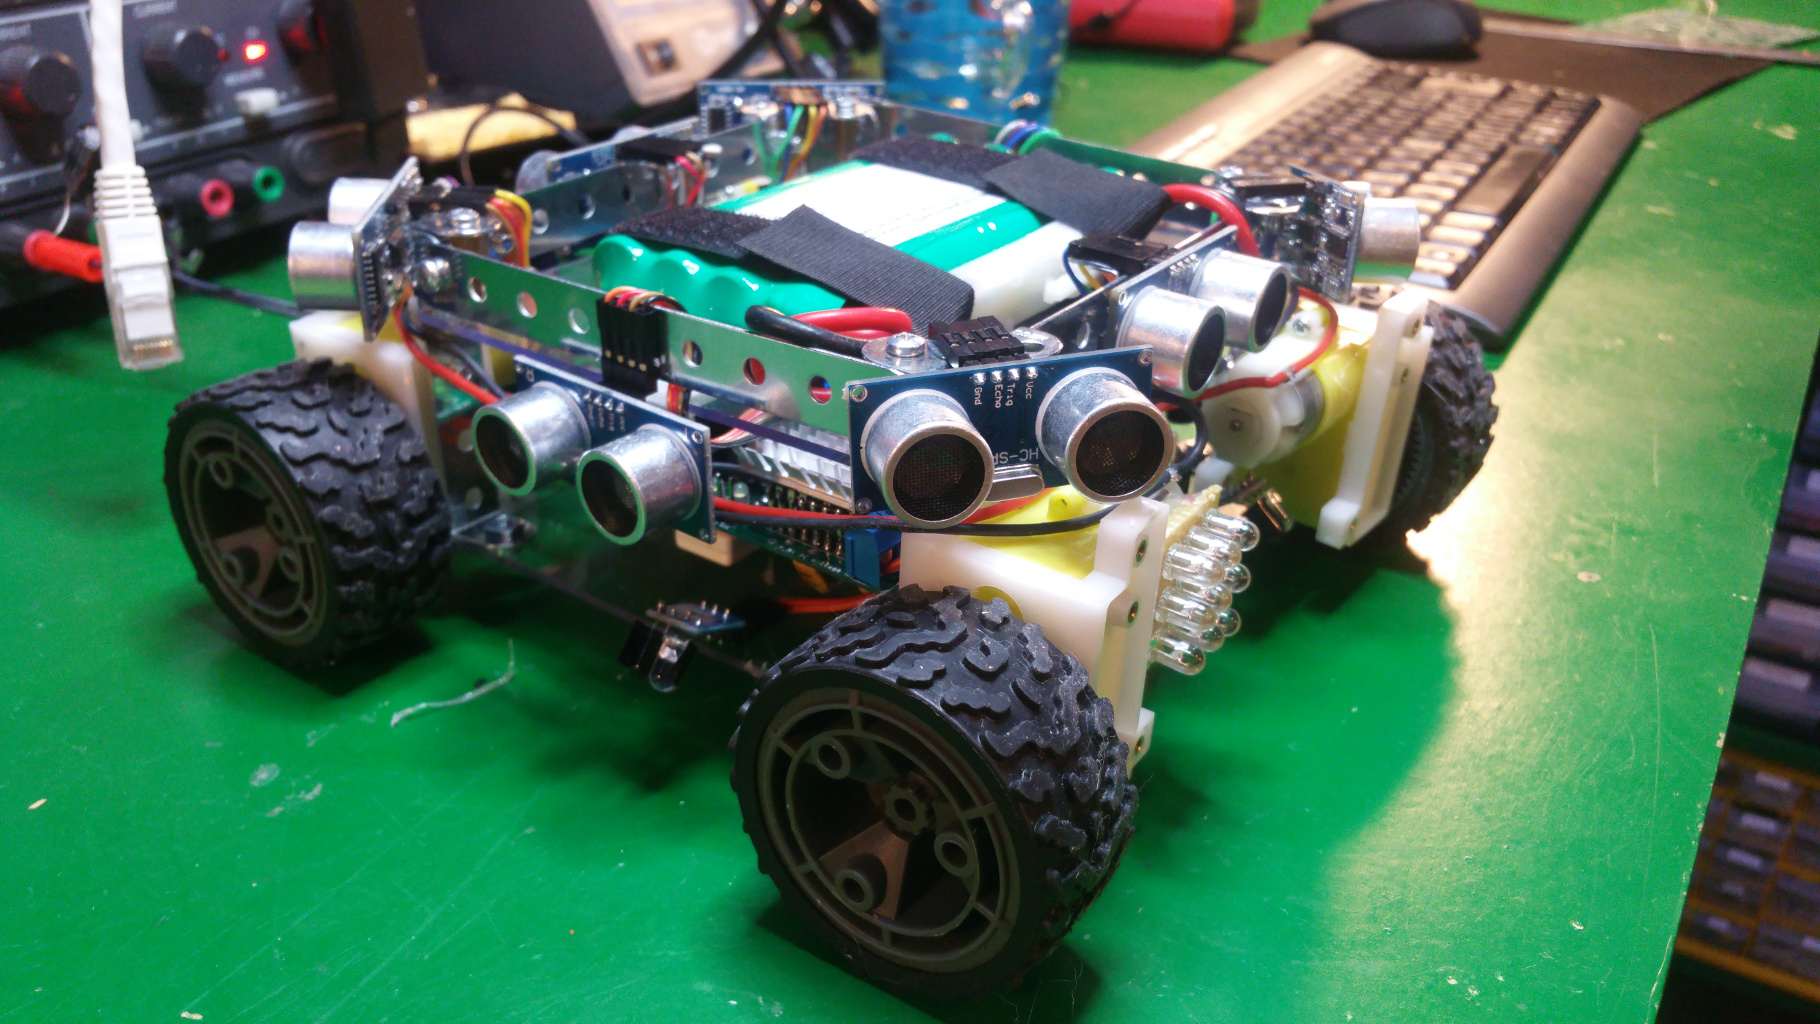 https://steelsquid-58e13.firebaseapp.com/pics/mini-rover-01.jpg